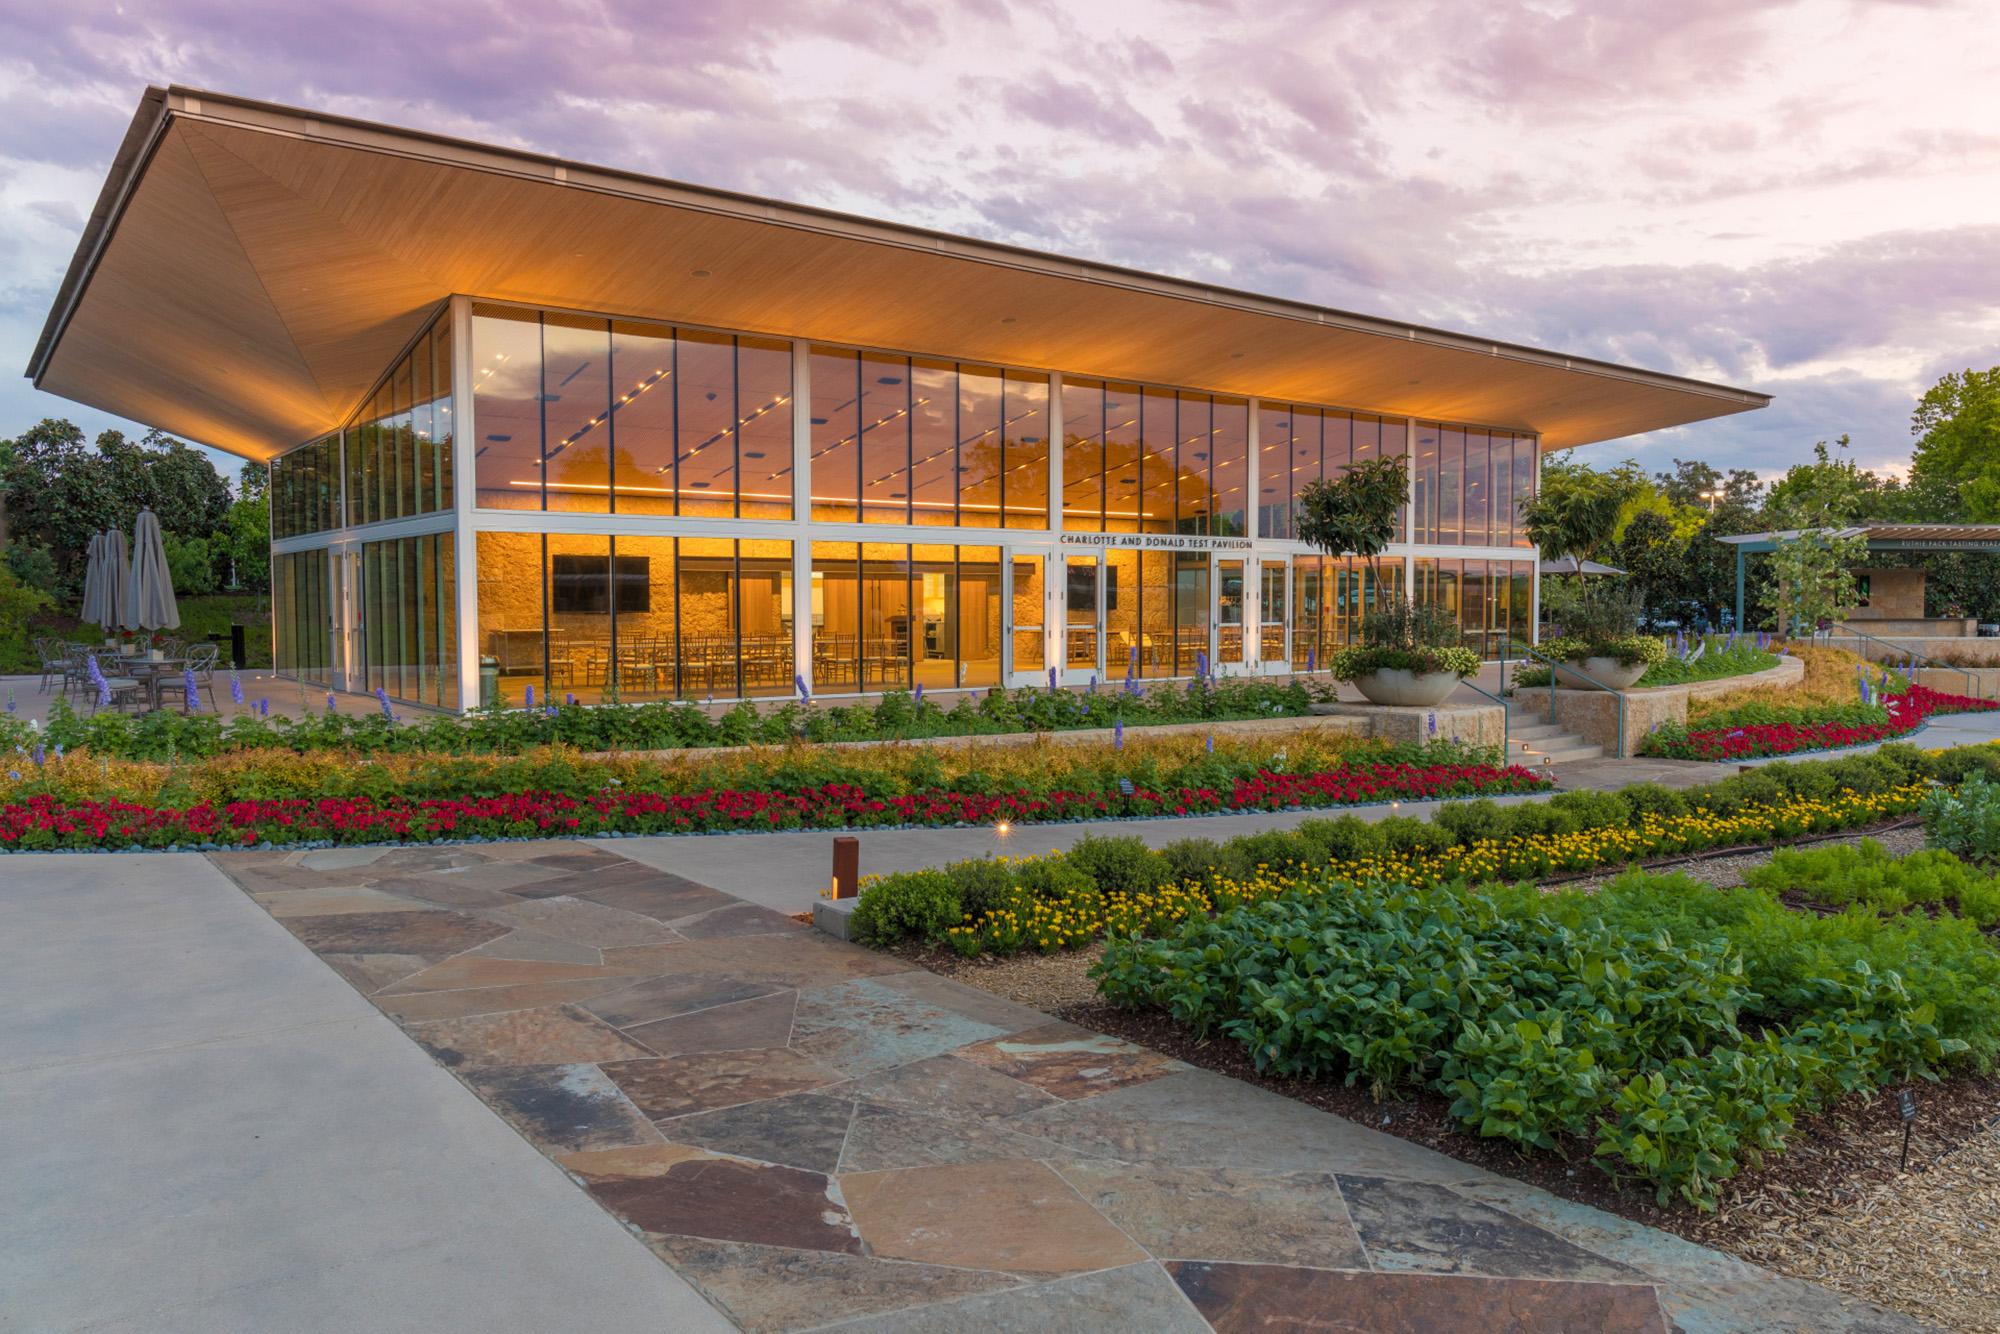 Dallas Arboretum, A Tasteful Place